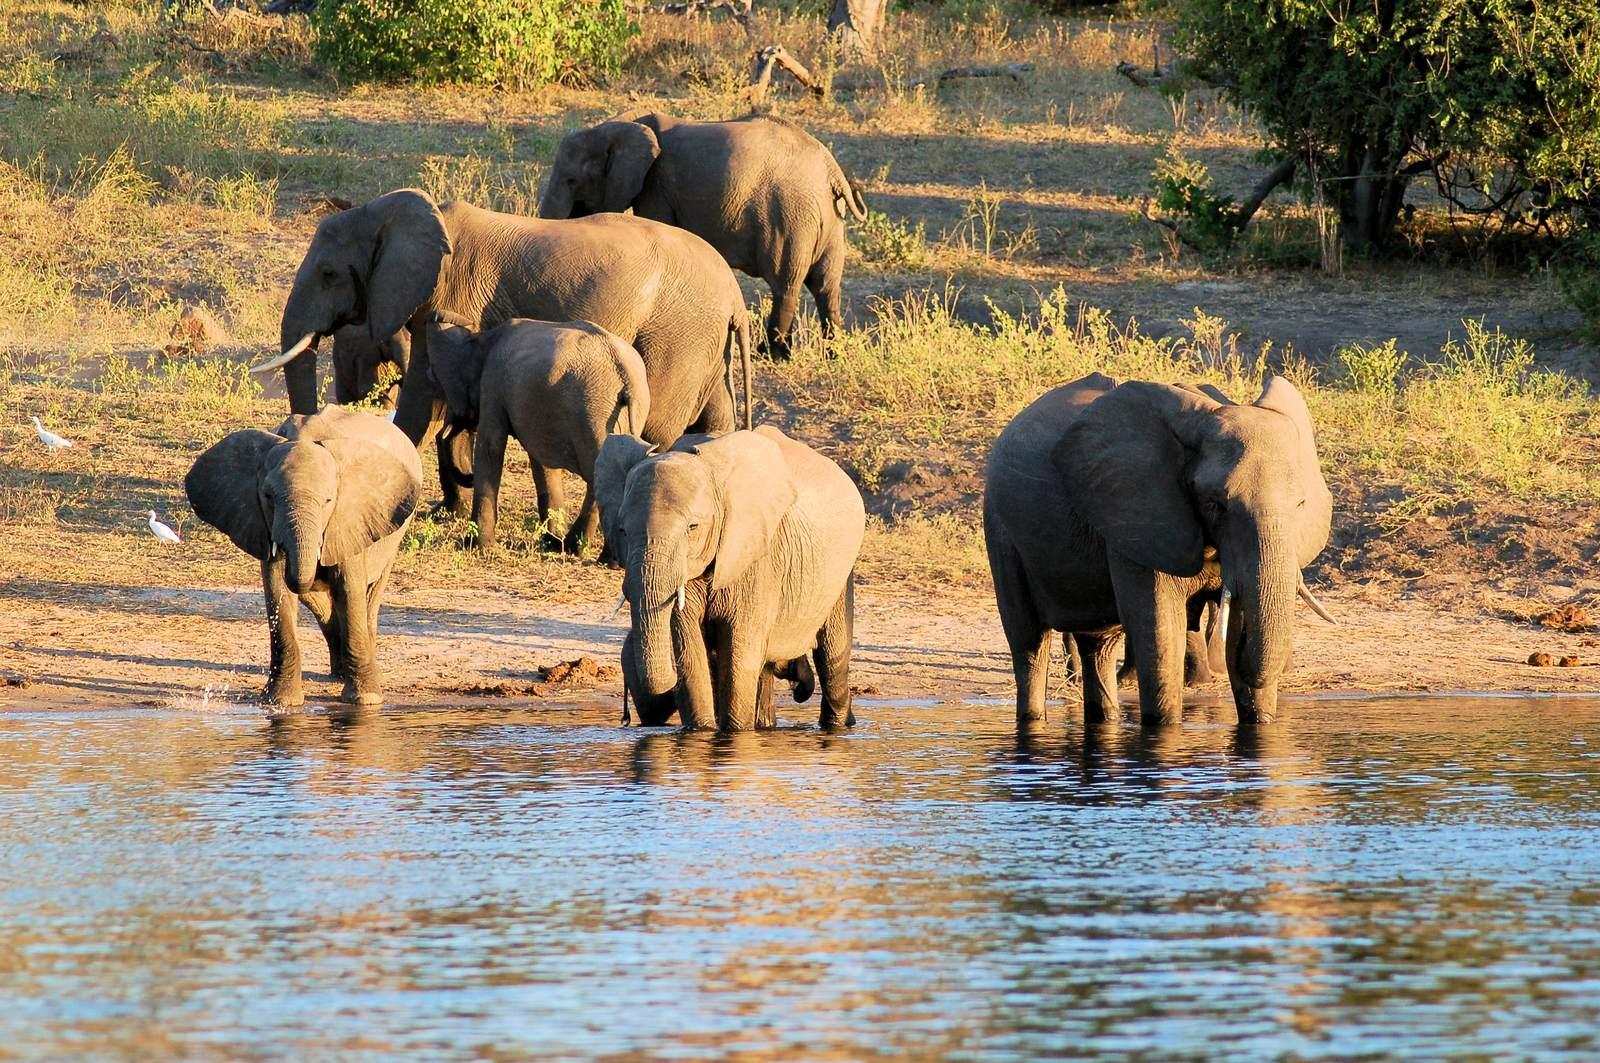 chobe riverfront1 Chobe Riverfront, Visit Botswana